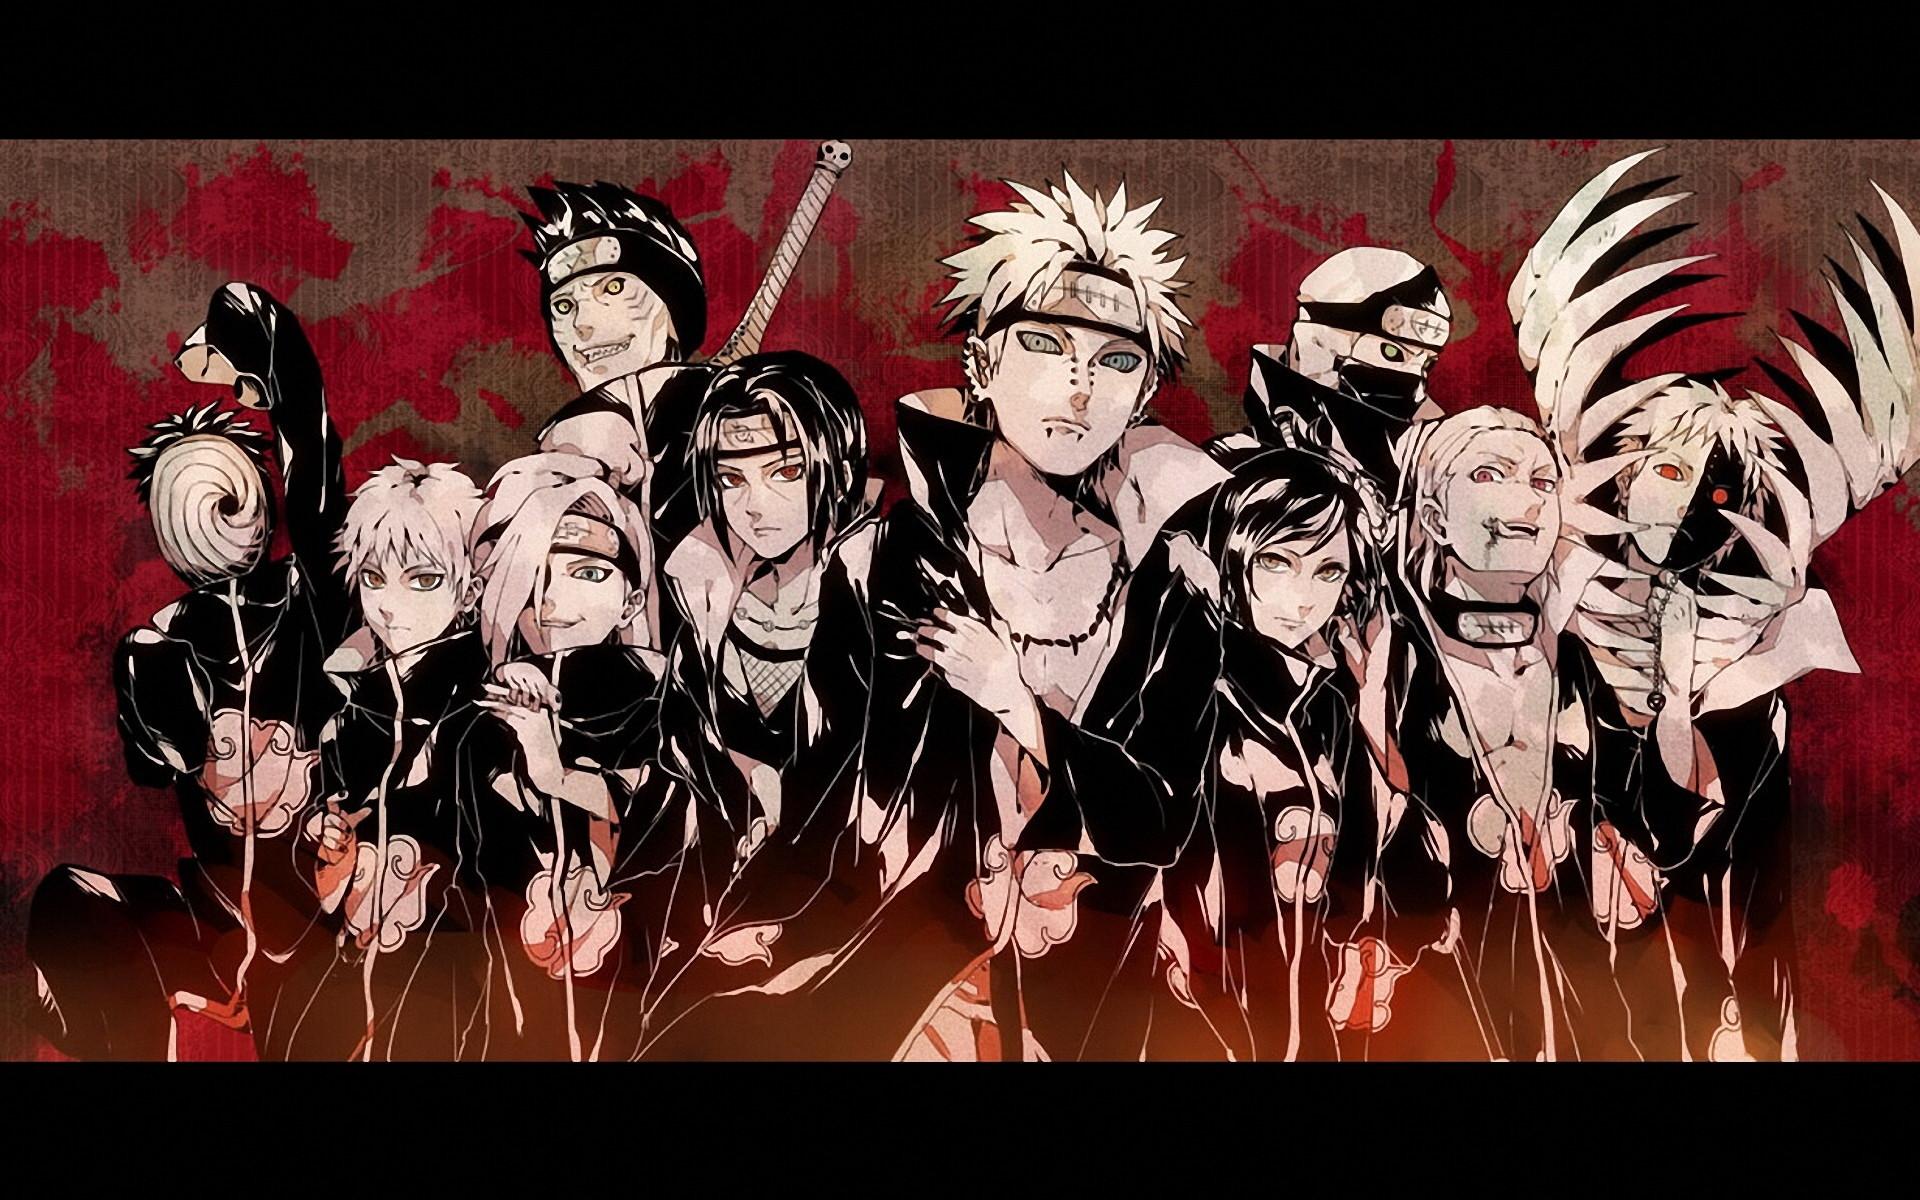 Download 4K Anime Wallpaper Reddit Background